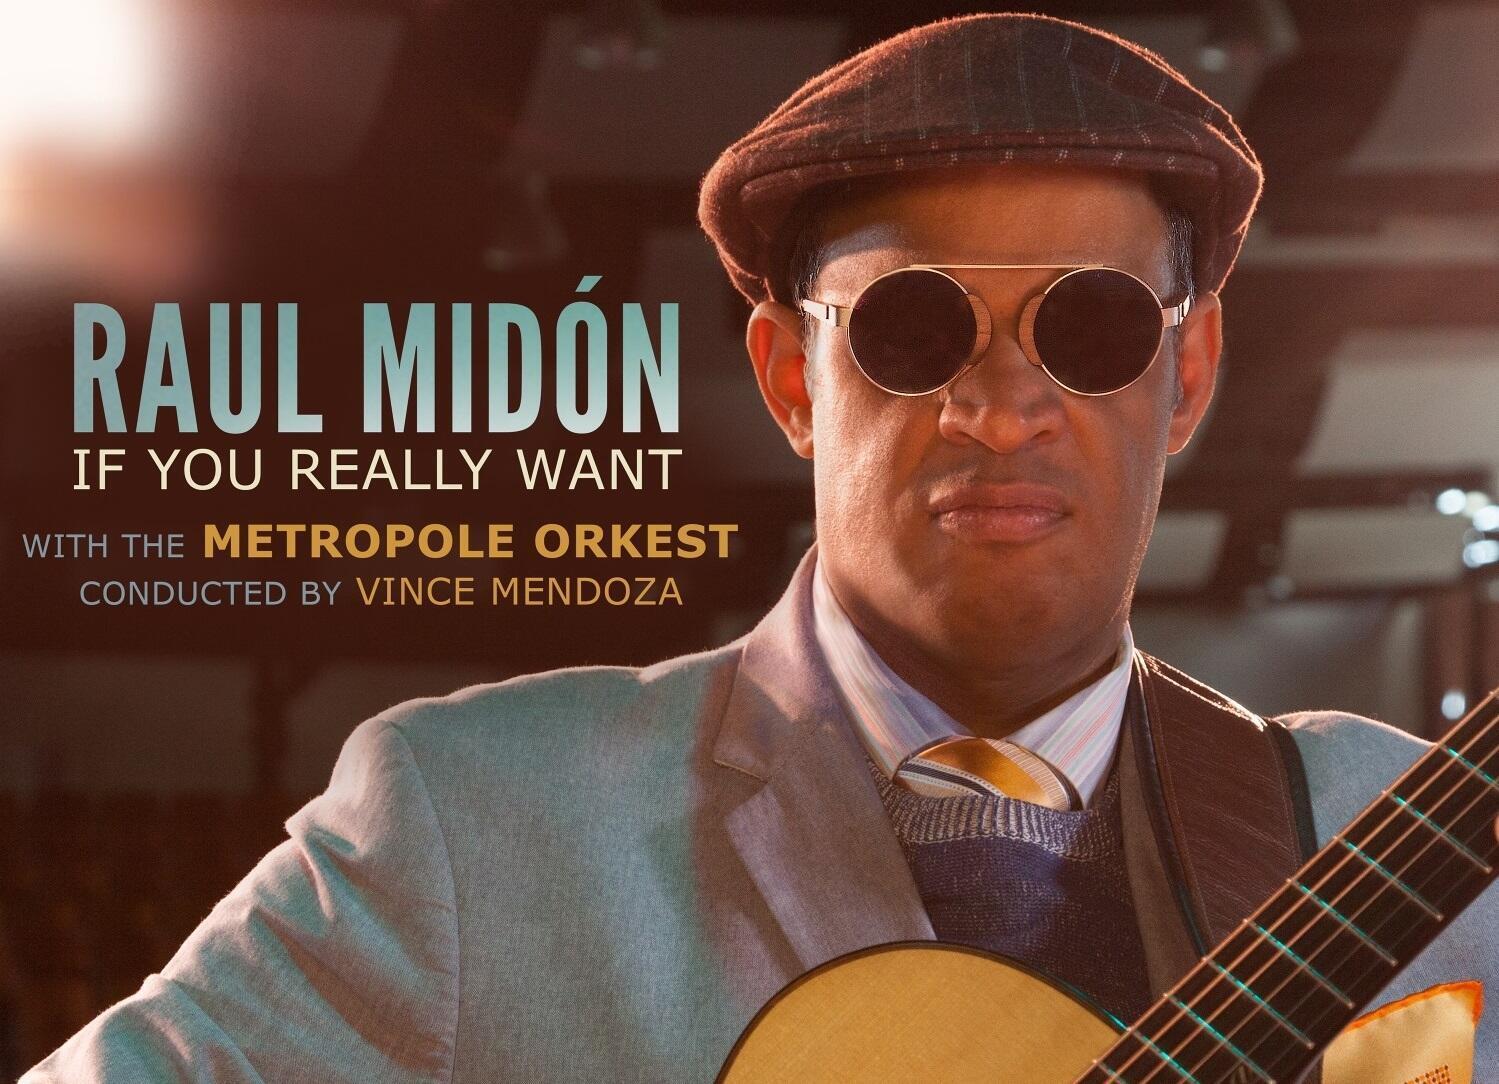 Raúl Midón en la portada de uno de sus disco